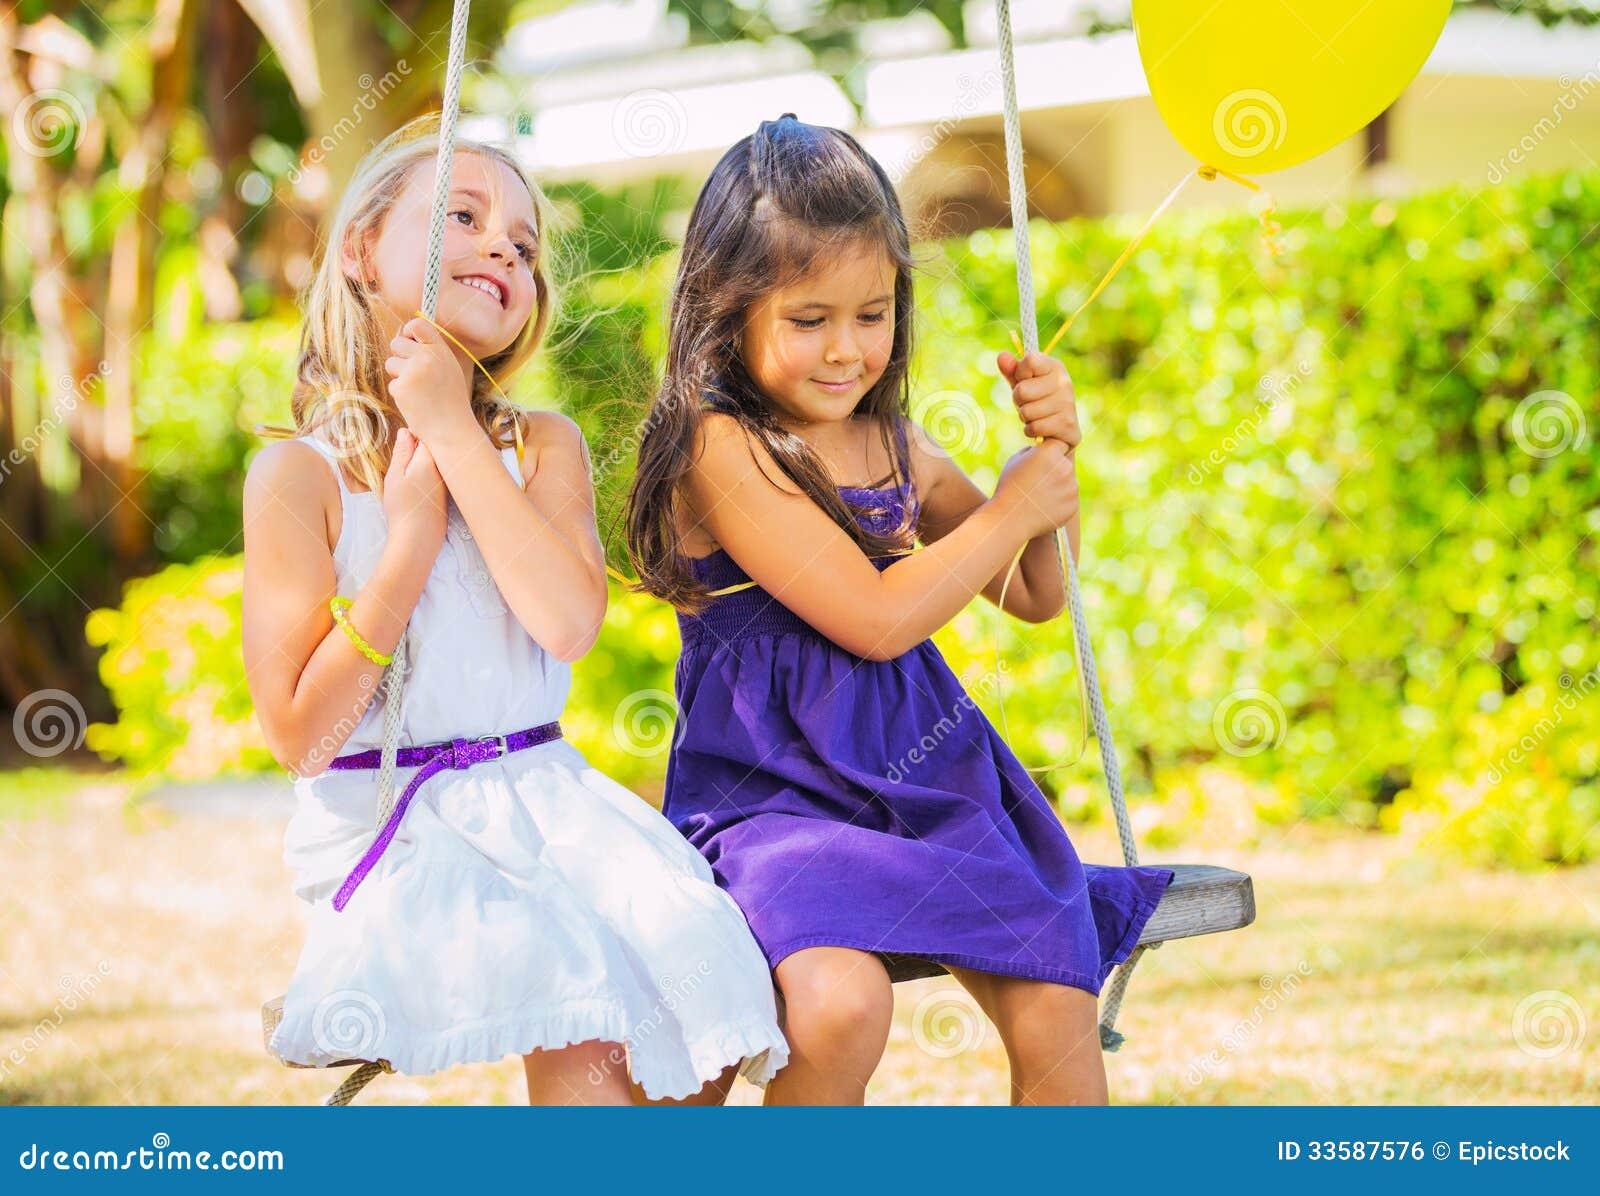 Girls Playing on Swing